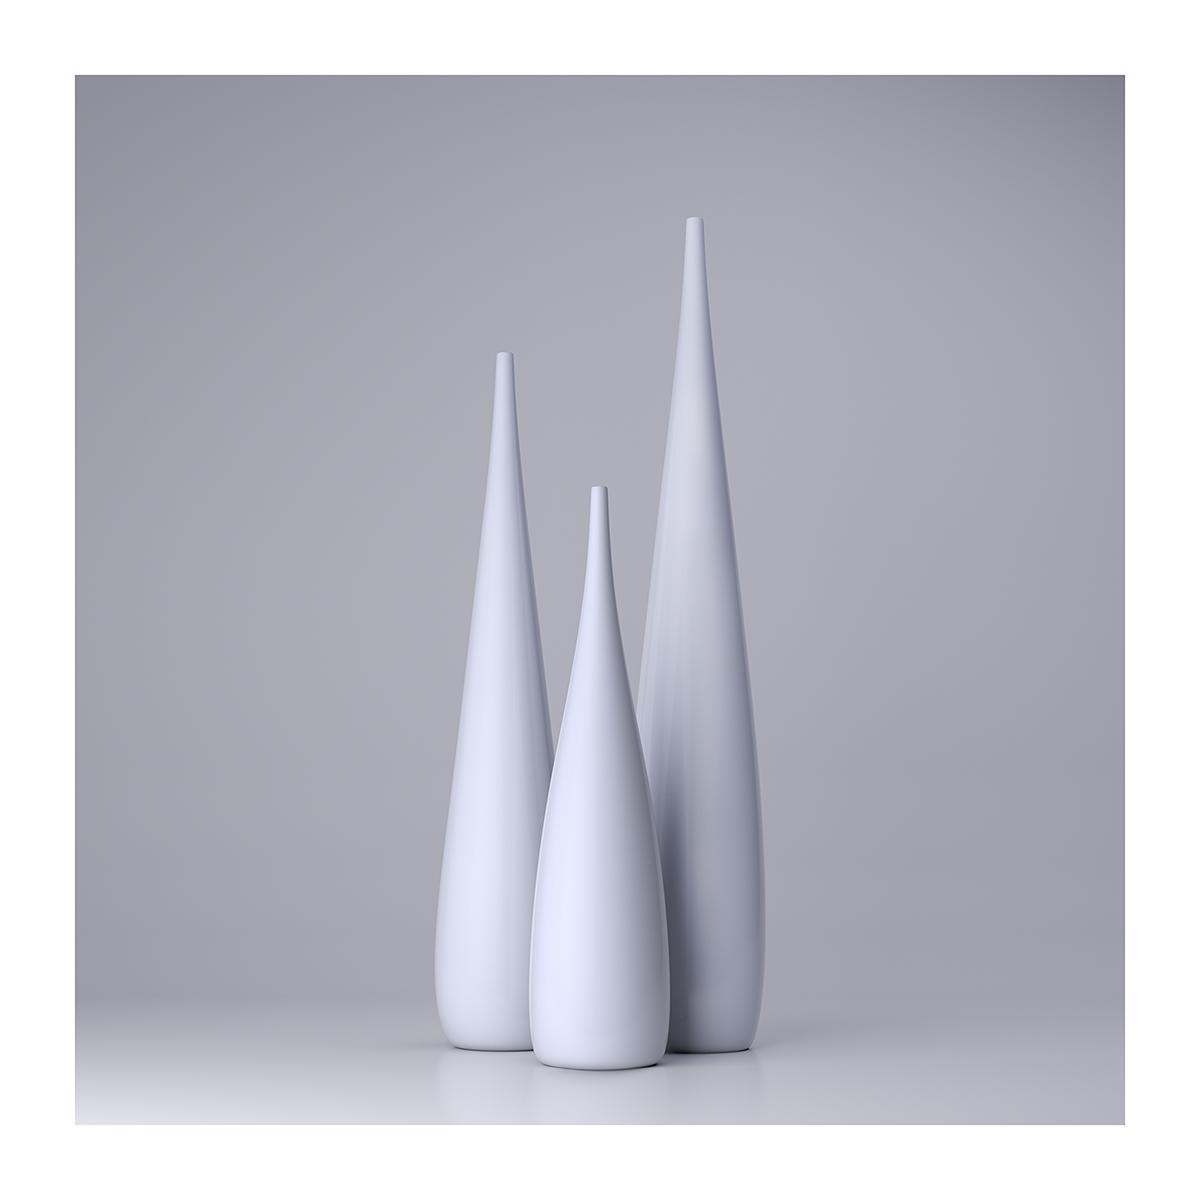 230 Lsdr TWHS Virtual Ceramics I 005 - 2021 - La simplicité du regard. This was HomoSapiens. Virtual Ceramics. I